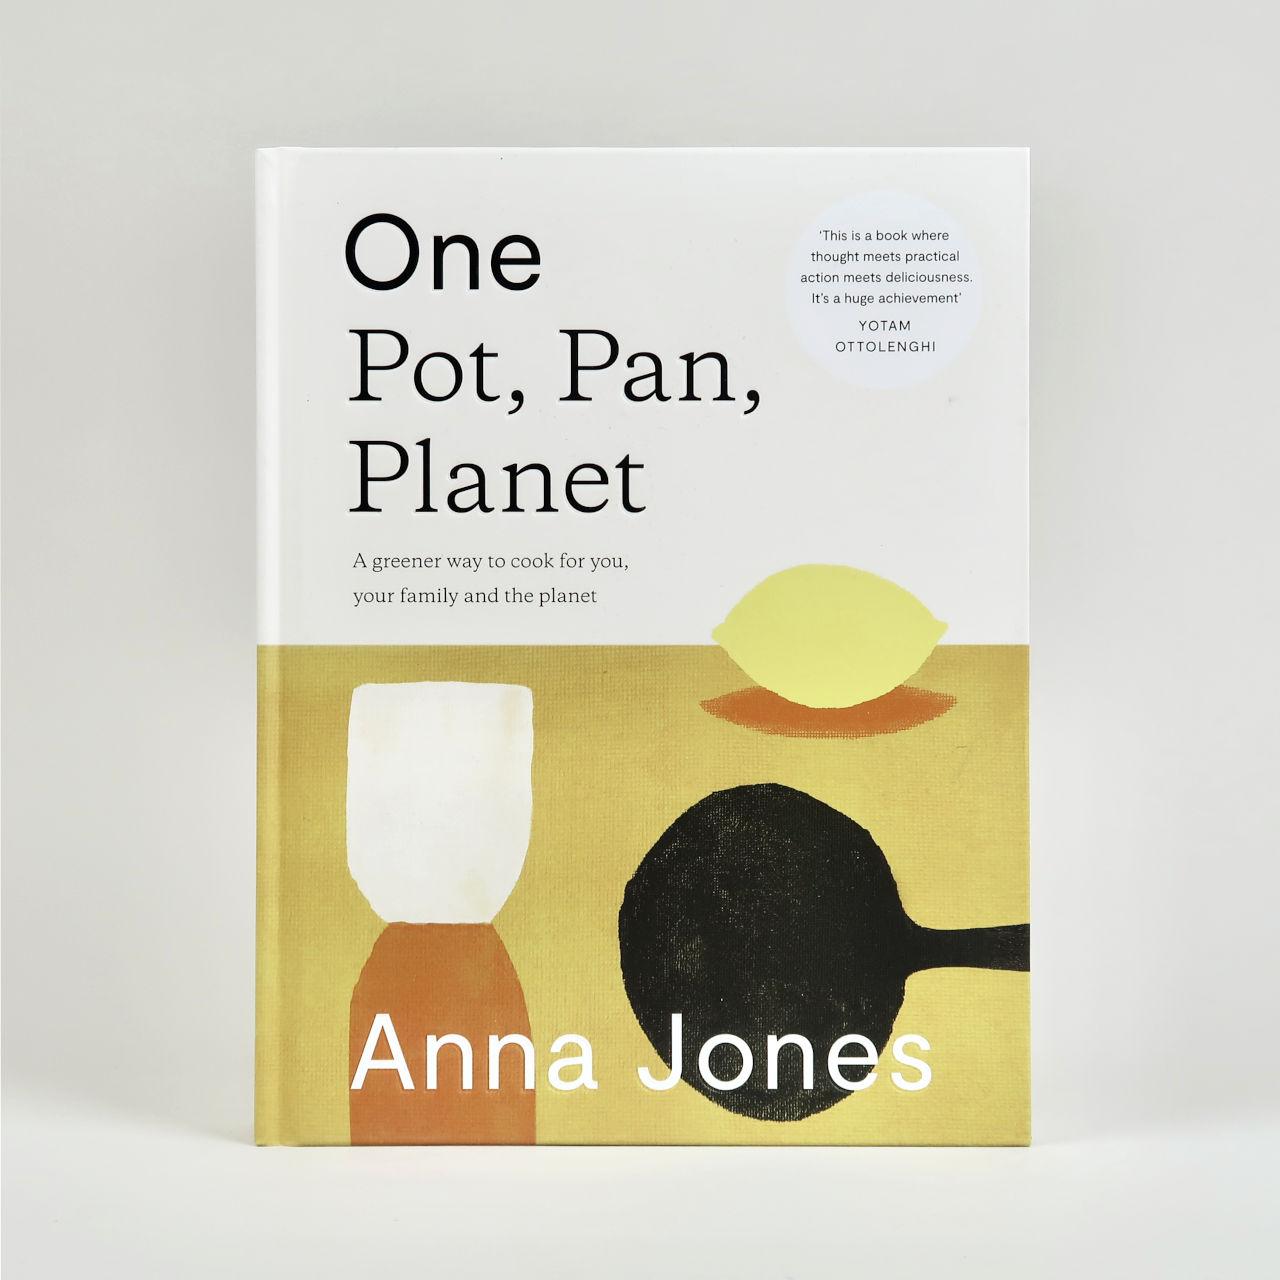 One Pot, Plan, Planet - Anna Jones